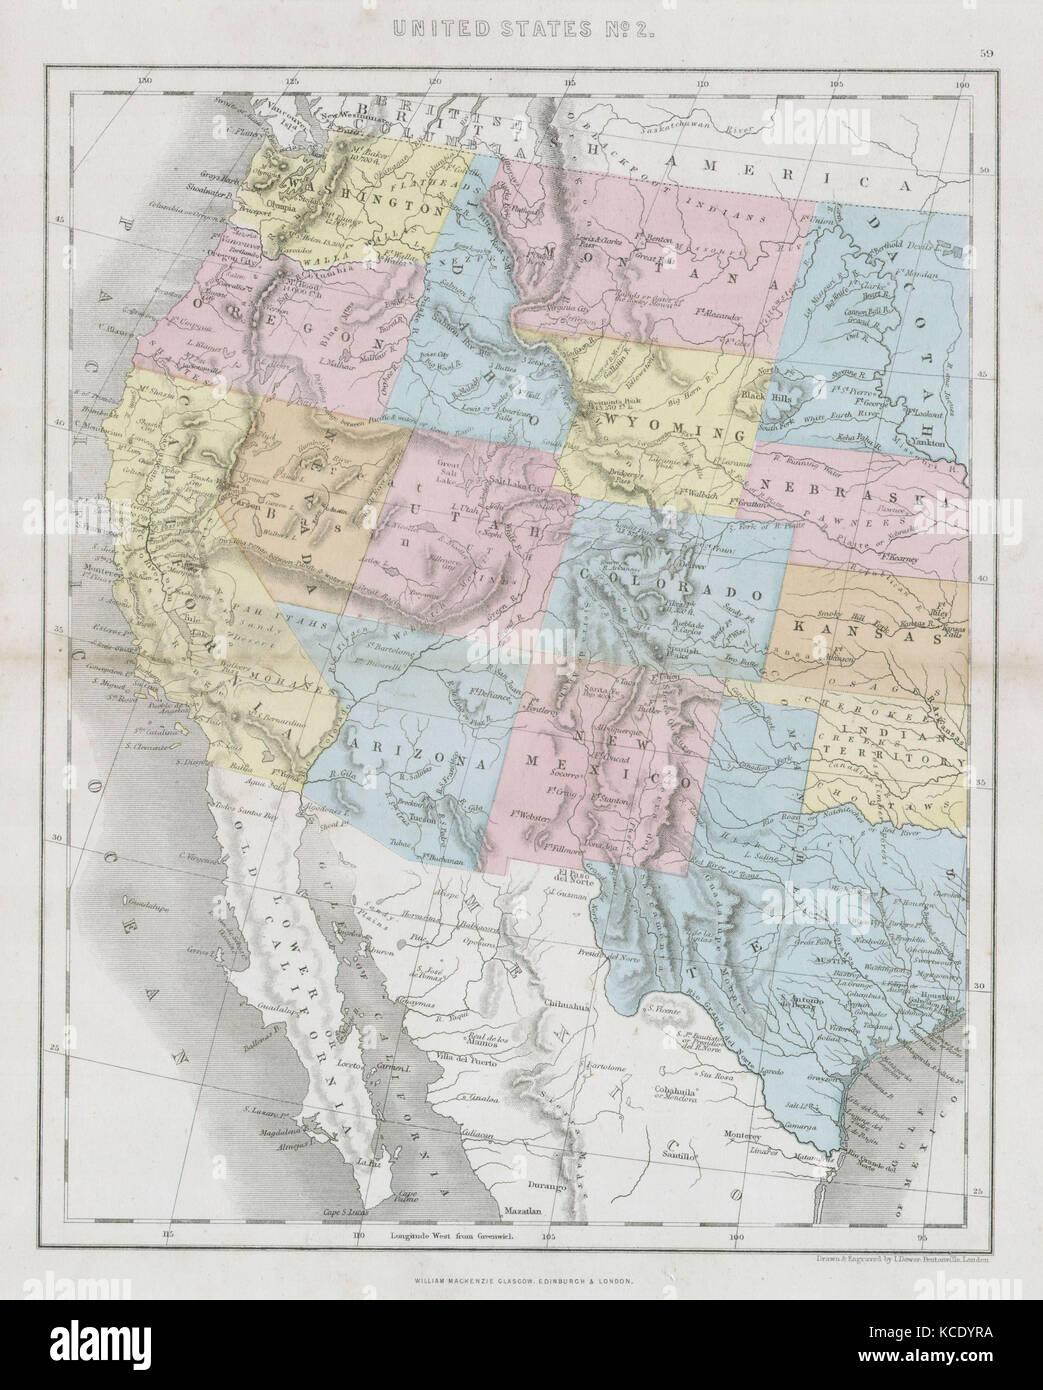 Wunderbar Karte Der Vereinigten Staaten Färbung Seite Zeitgenössisch ...